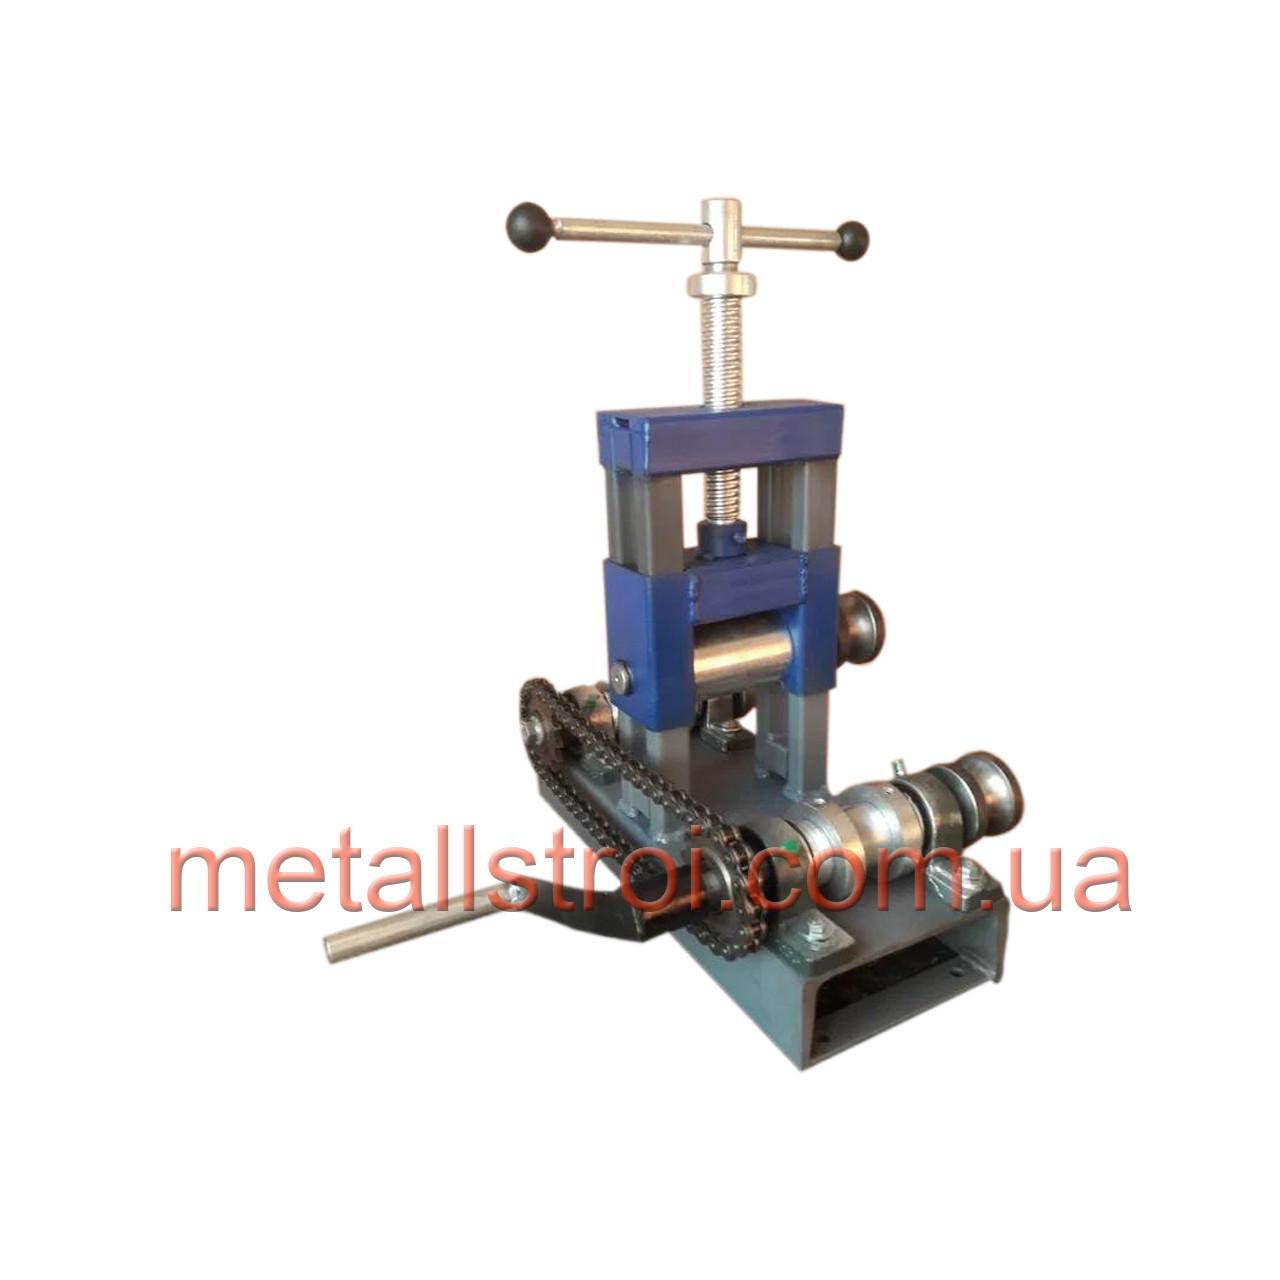 Трубогиб механический ТПУ-1 для круглой и профильной трубы.Профилегиб.